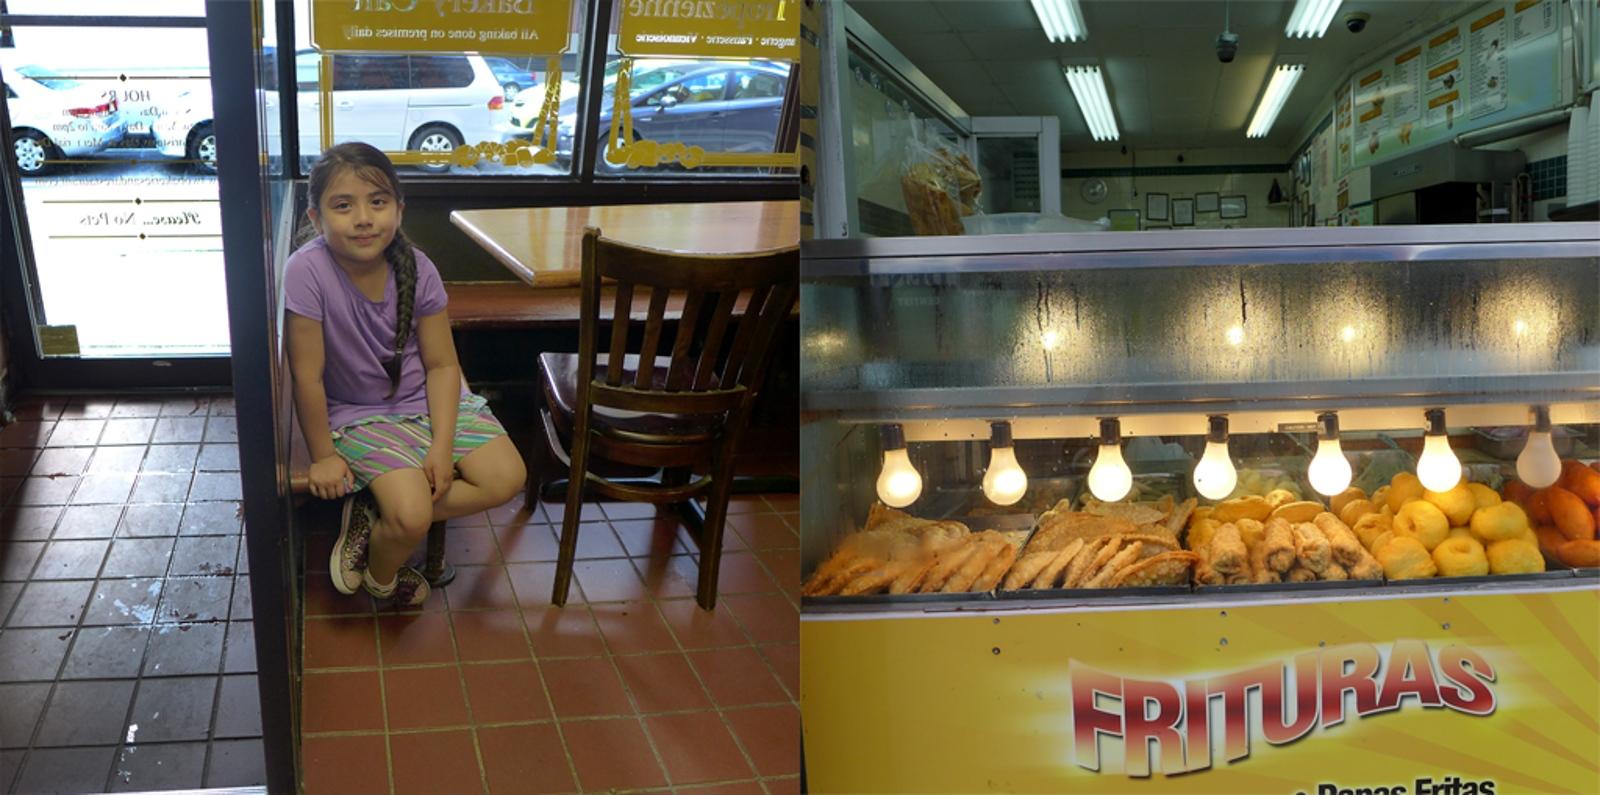 Art and Documentary Photography - Loading 4_Bakery_Girl_Frituras_.jpg